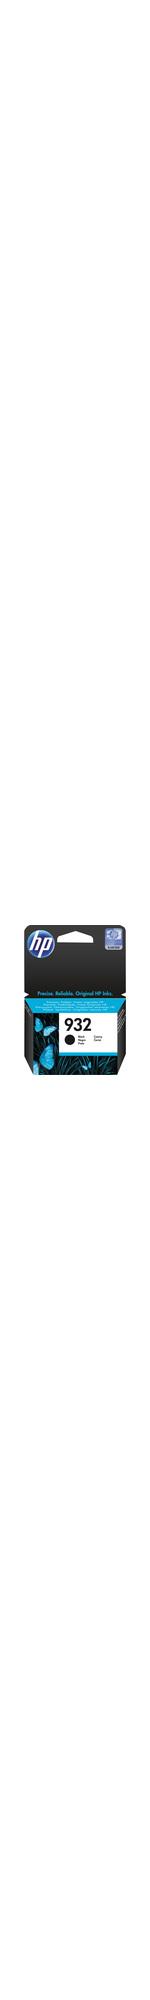 HP 932 Ink Cartridge - Black